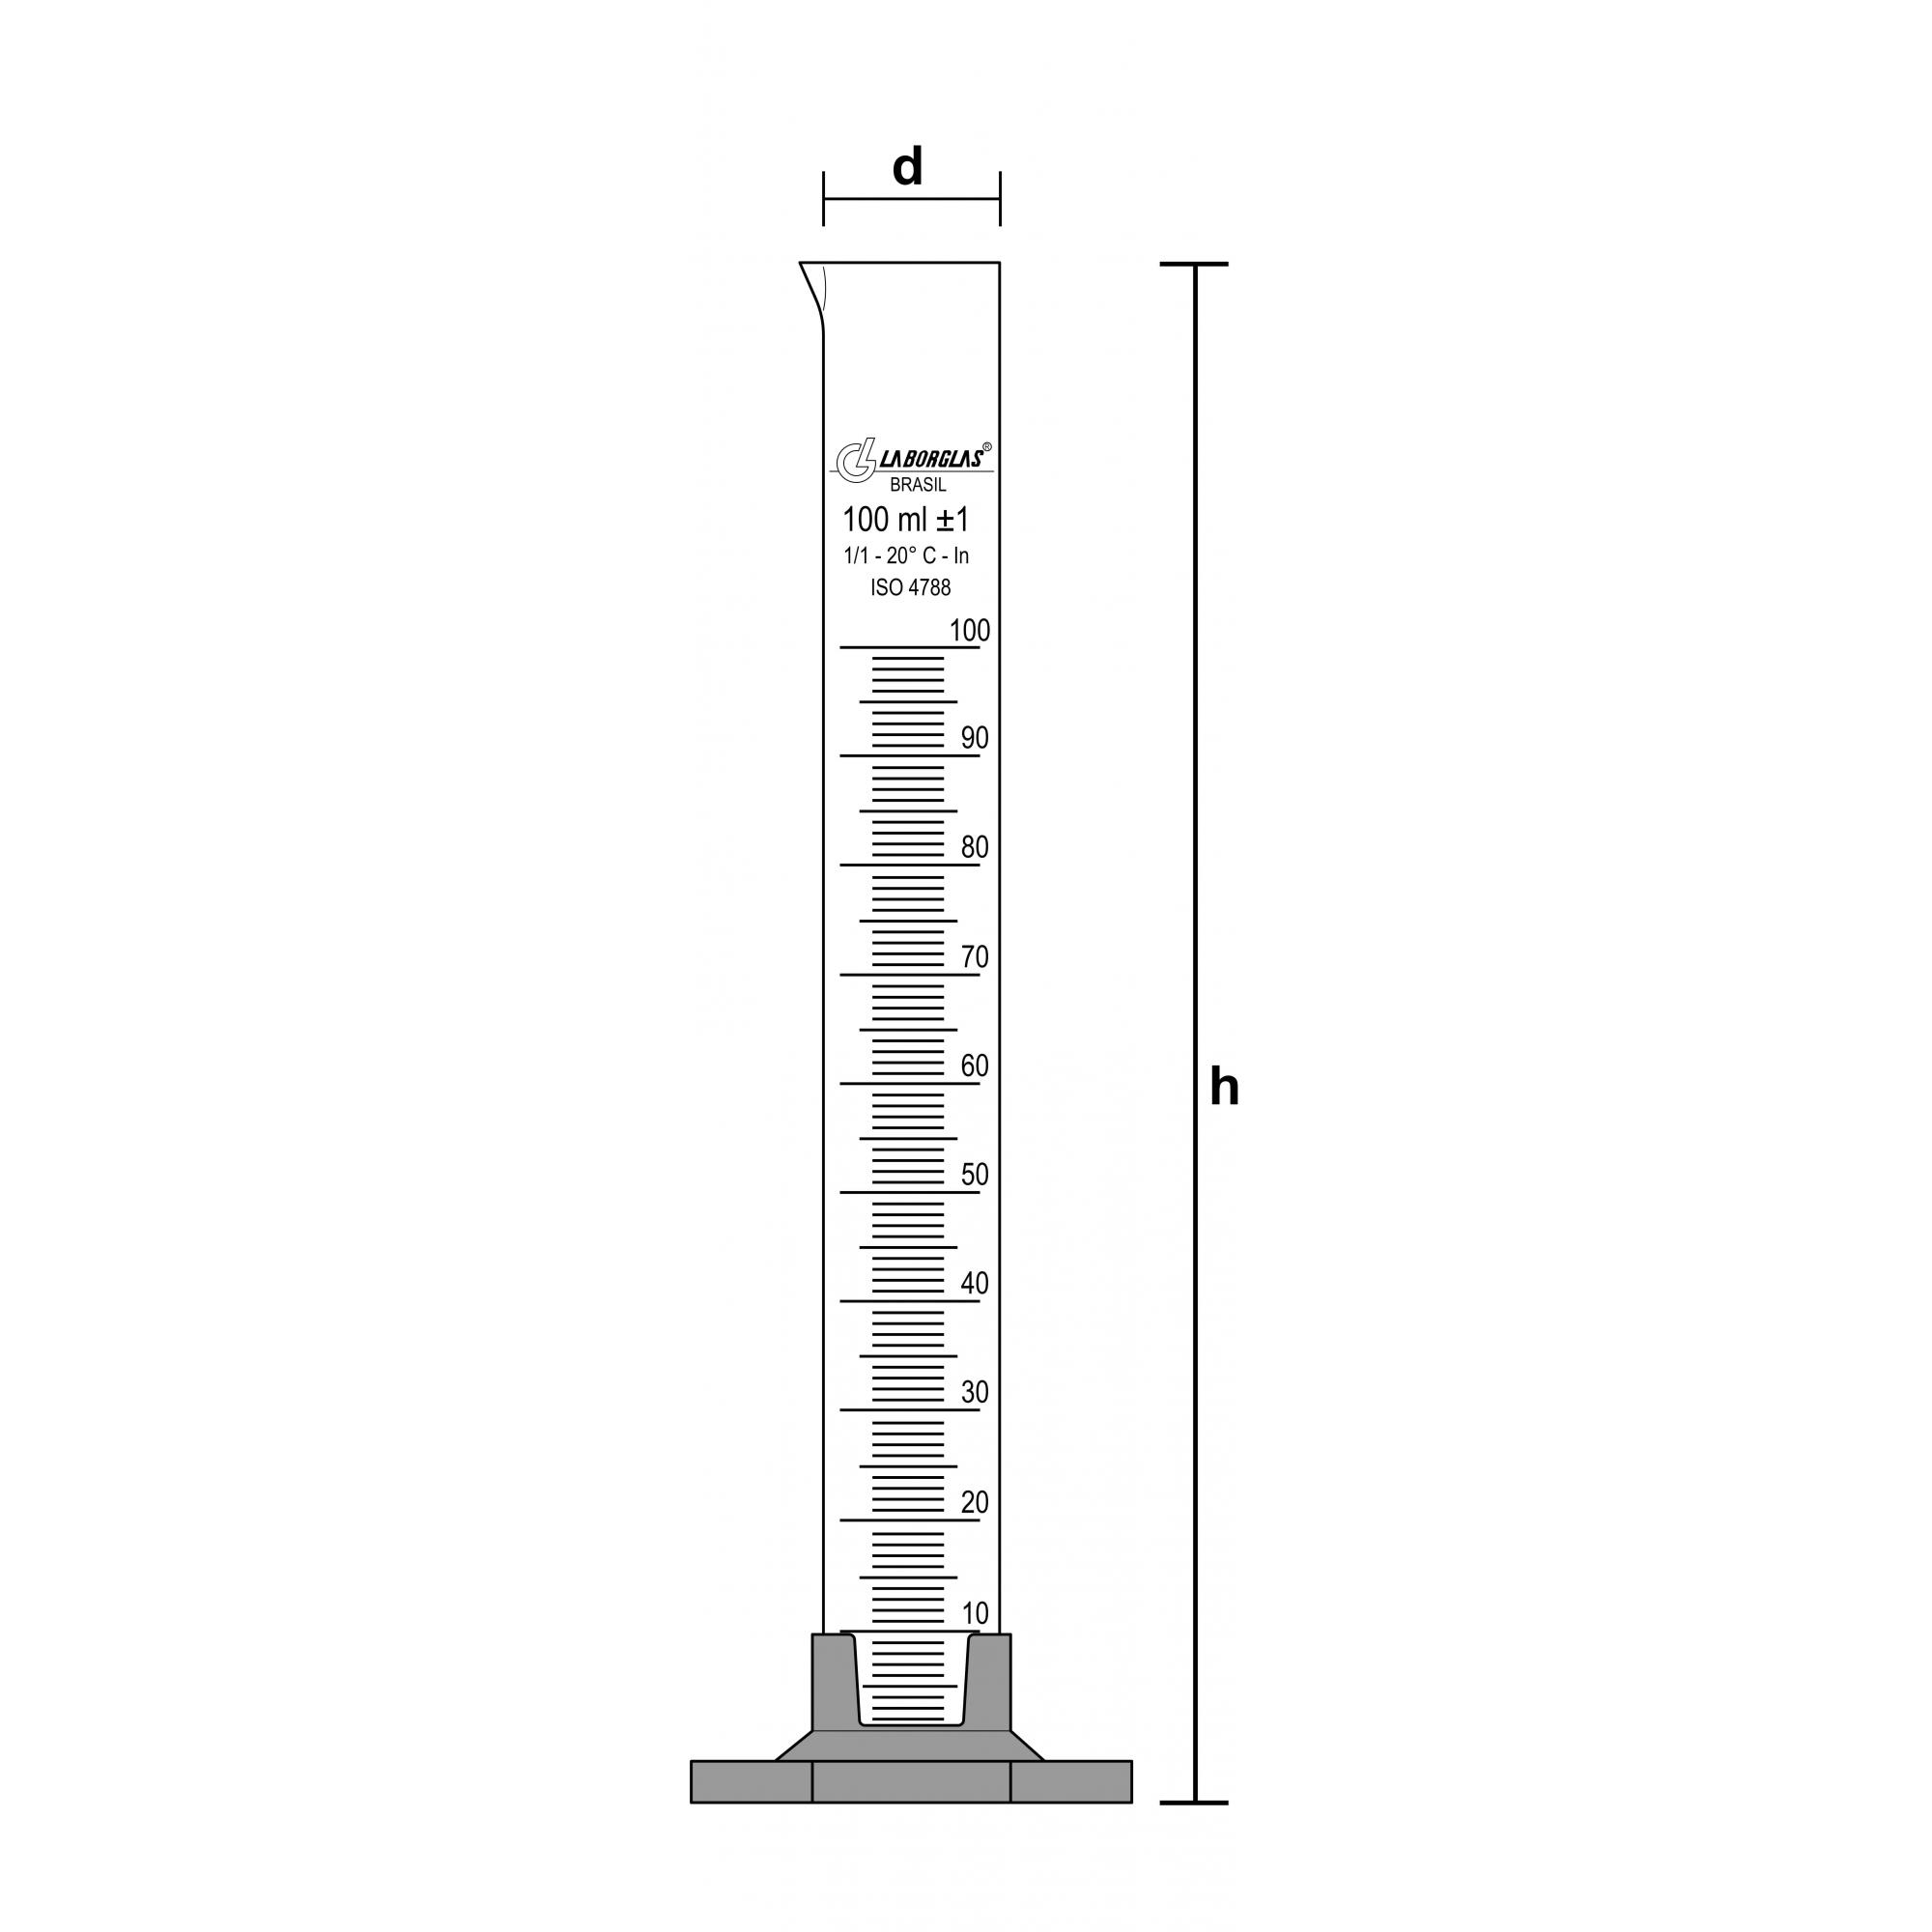 PROVETA GRADUADA BASE HEXAGONAL DE POLIPROPILENO 10 ML - Laborglas - Cód. 9138608